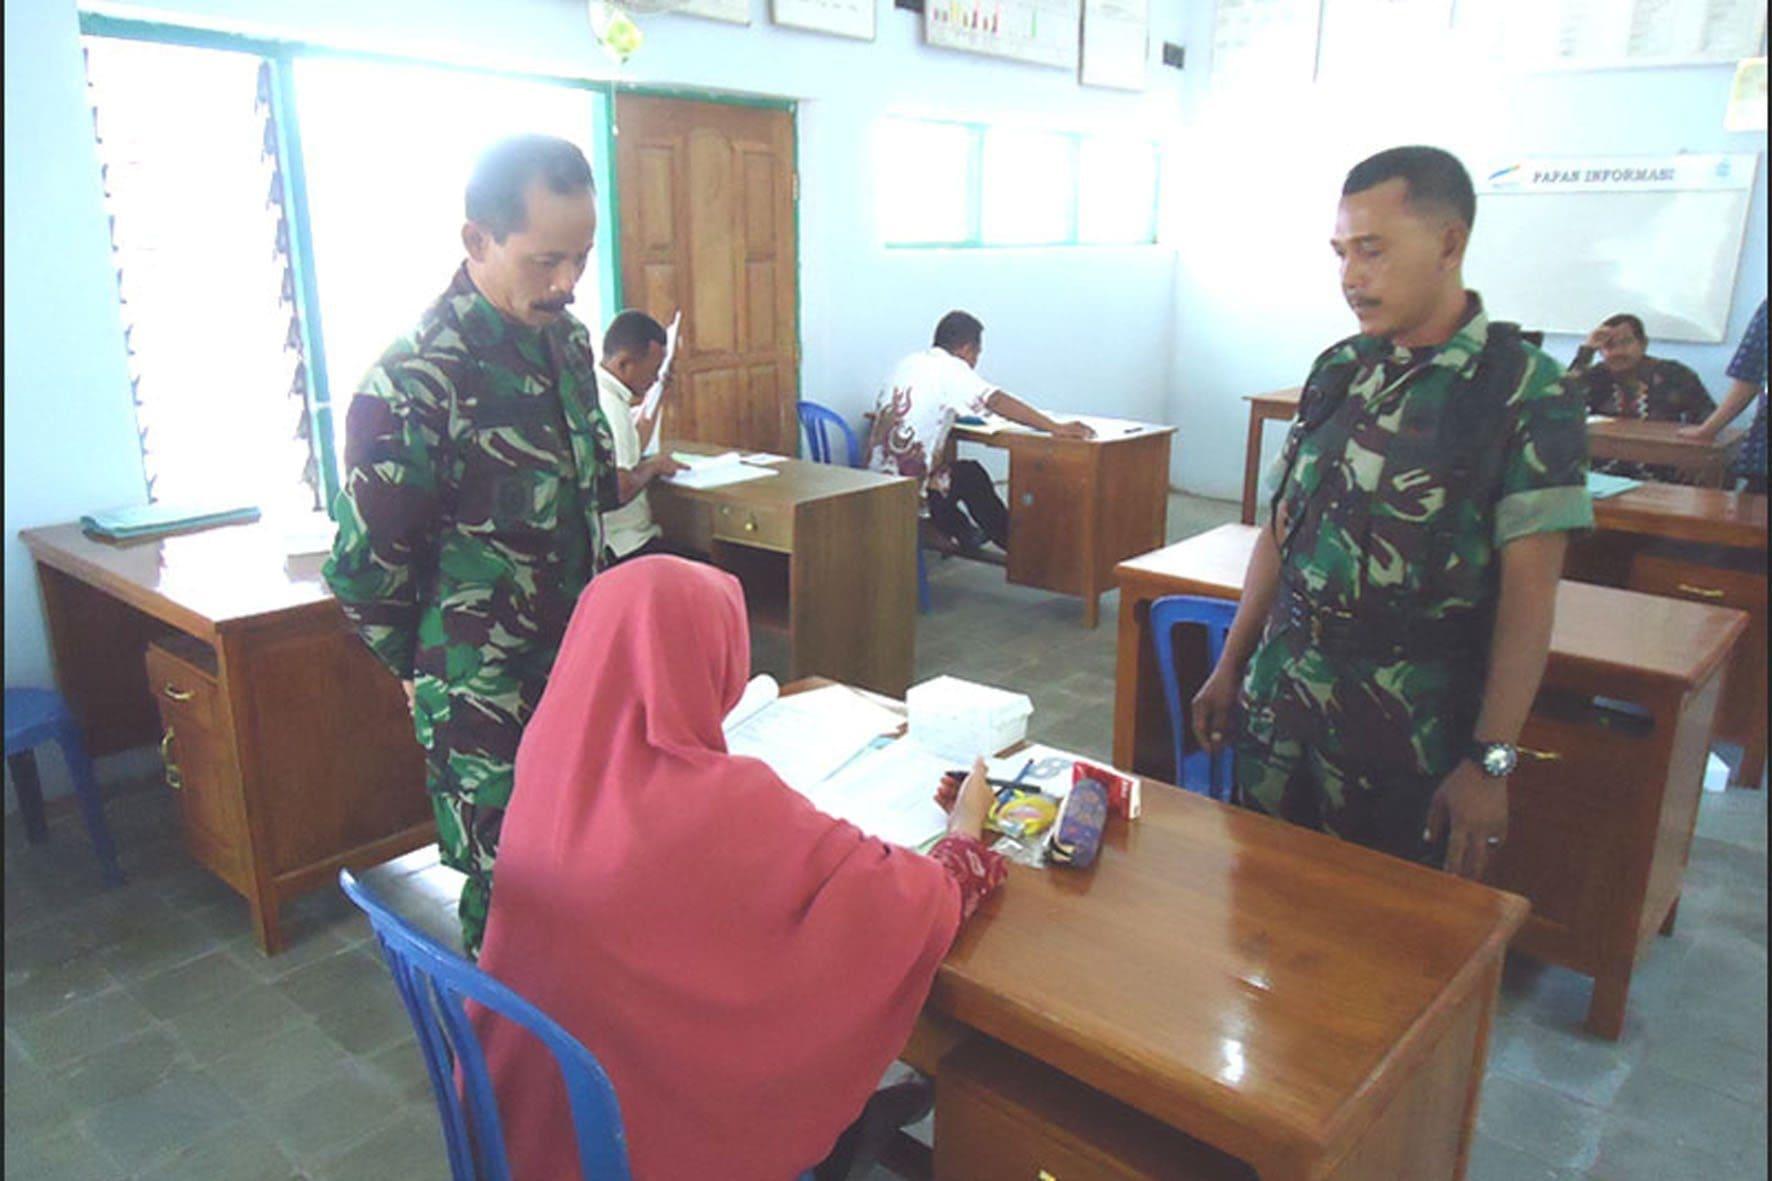 Ujian pengisian Perangkat Desa Tanjung Kec. Bendo (1)